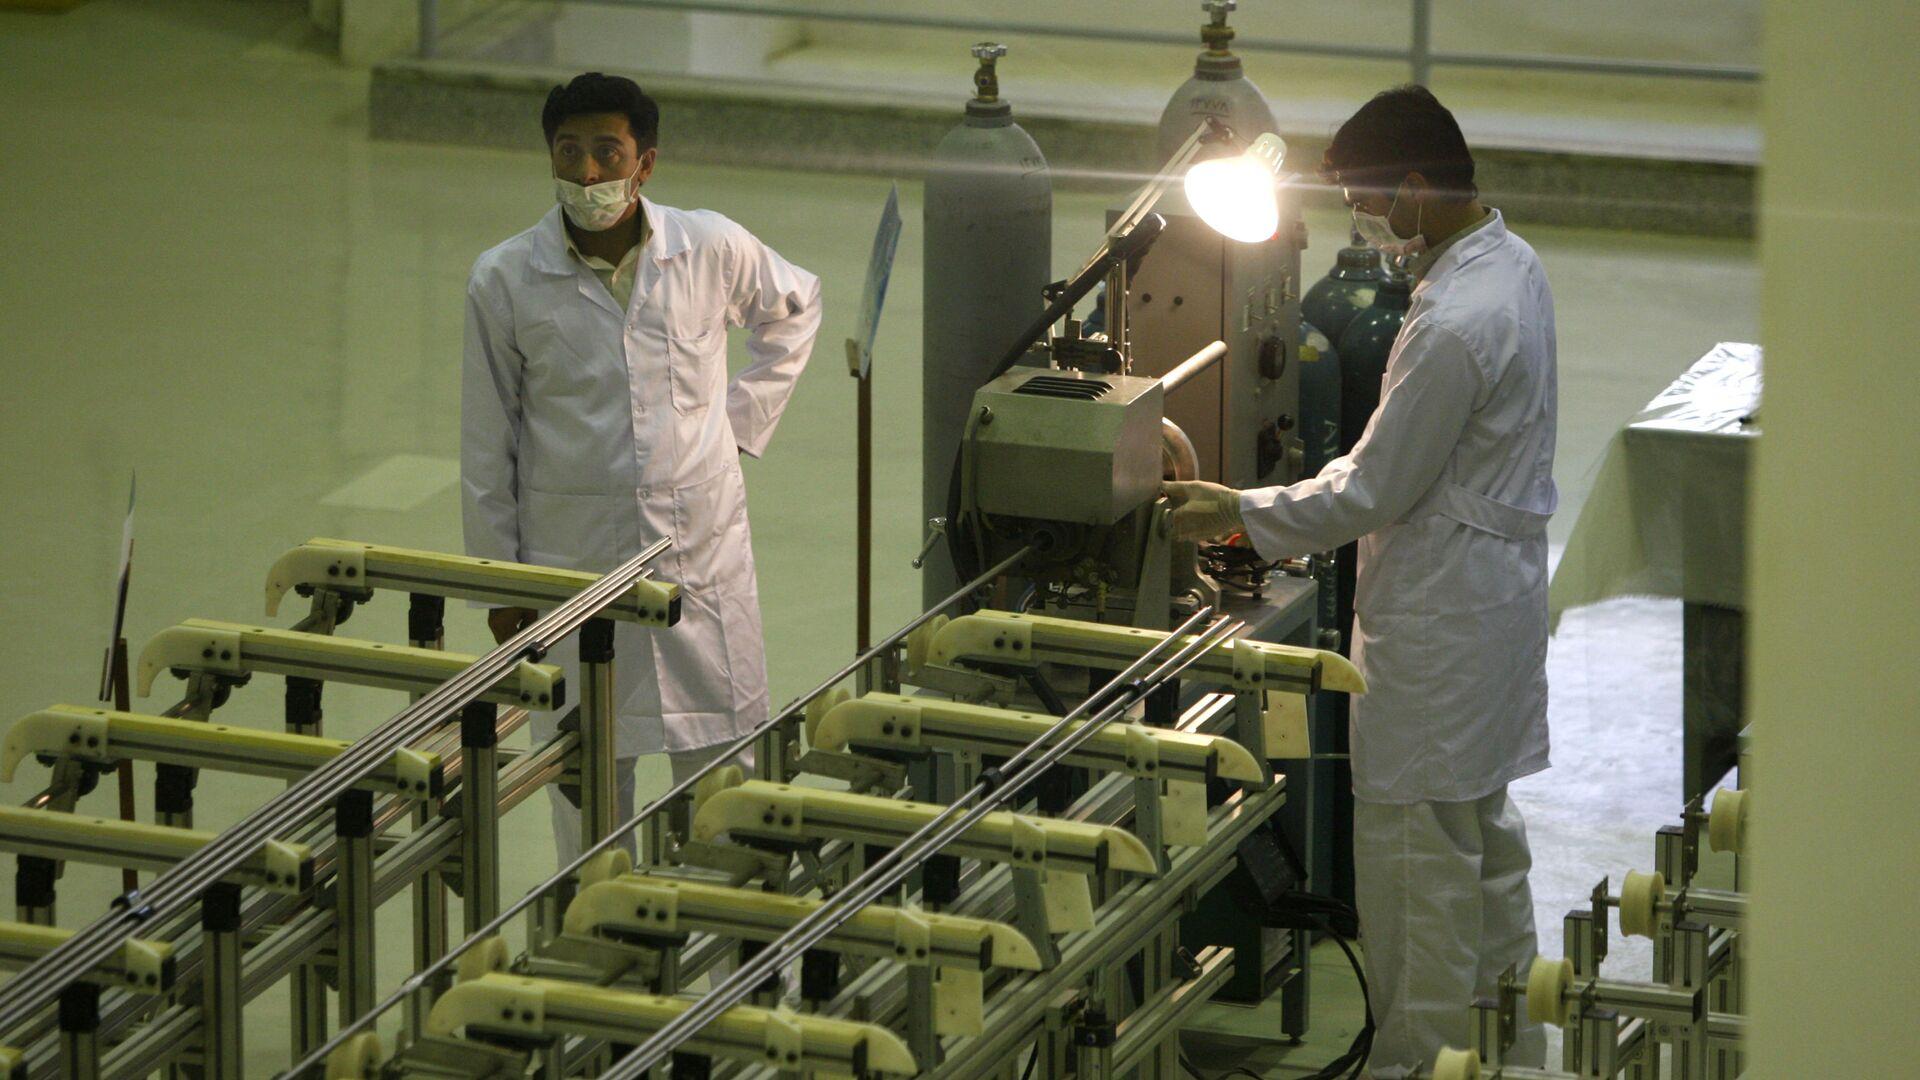 Scienziati iraniani presso un impianto per la produzione di combustibile all'uranio per un reattore nucleare - Sputnik Italia, 1920, 17.08.2021